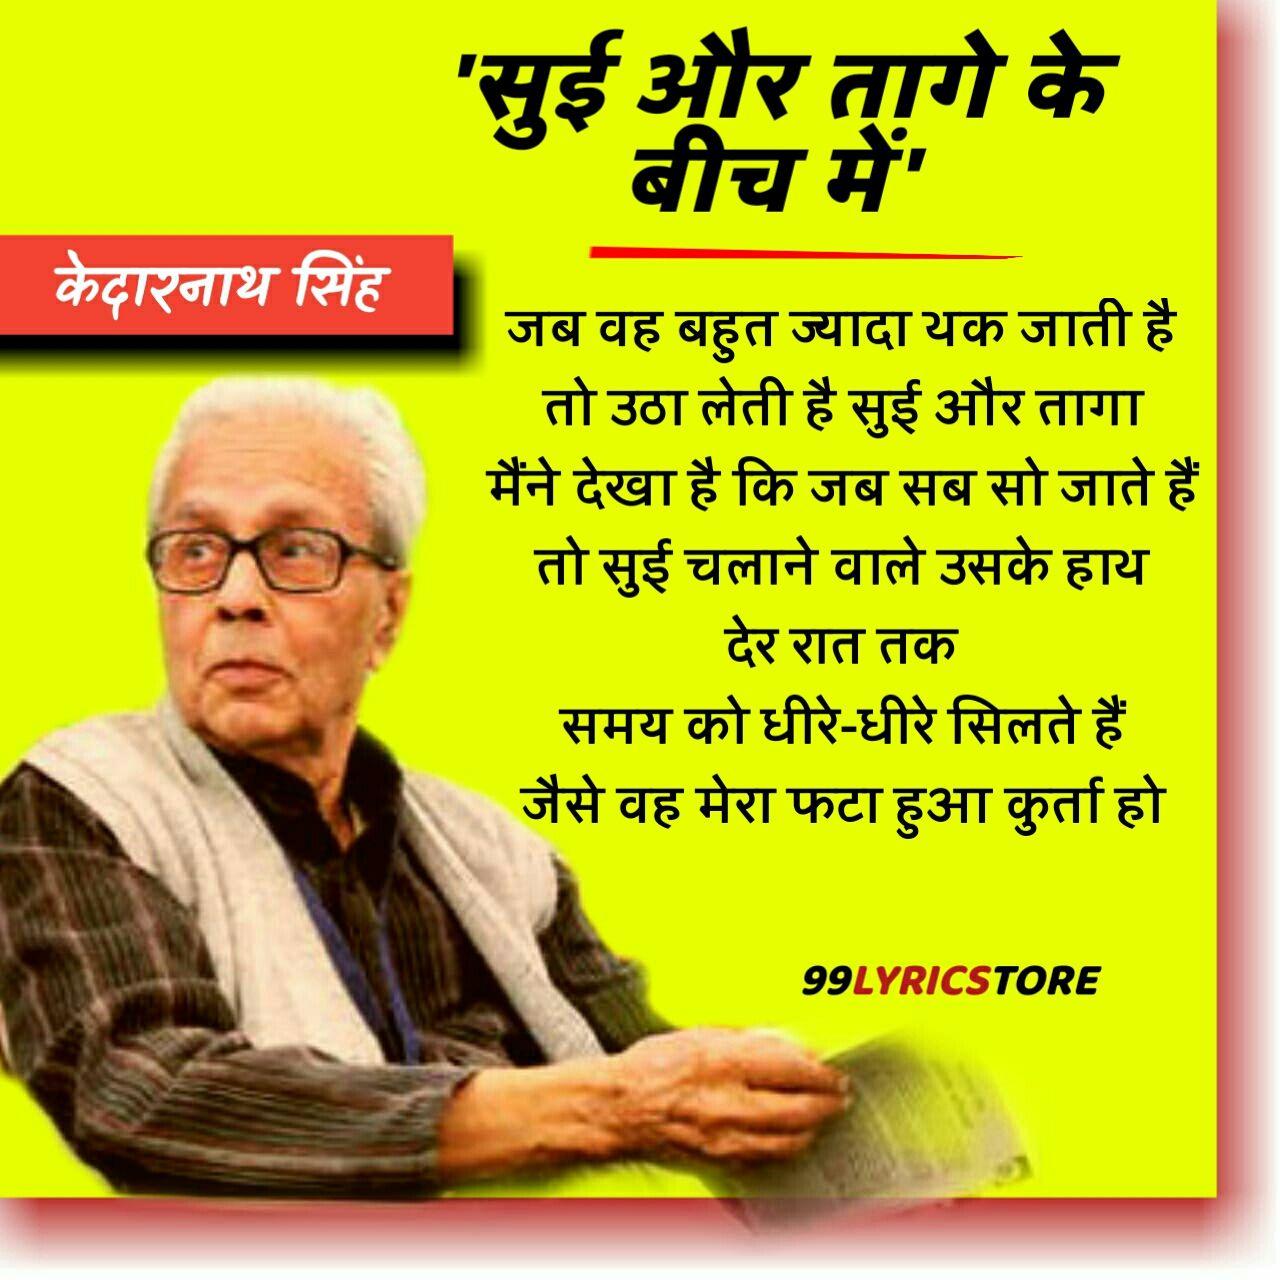 'सुई और तागे के बीच में' कविता केदारनाथ सिंह जी द्वारा लिखी गई एक हिन्दी कविता है।